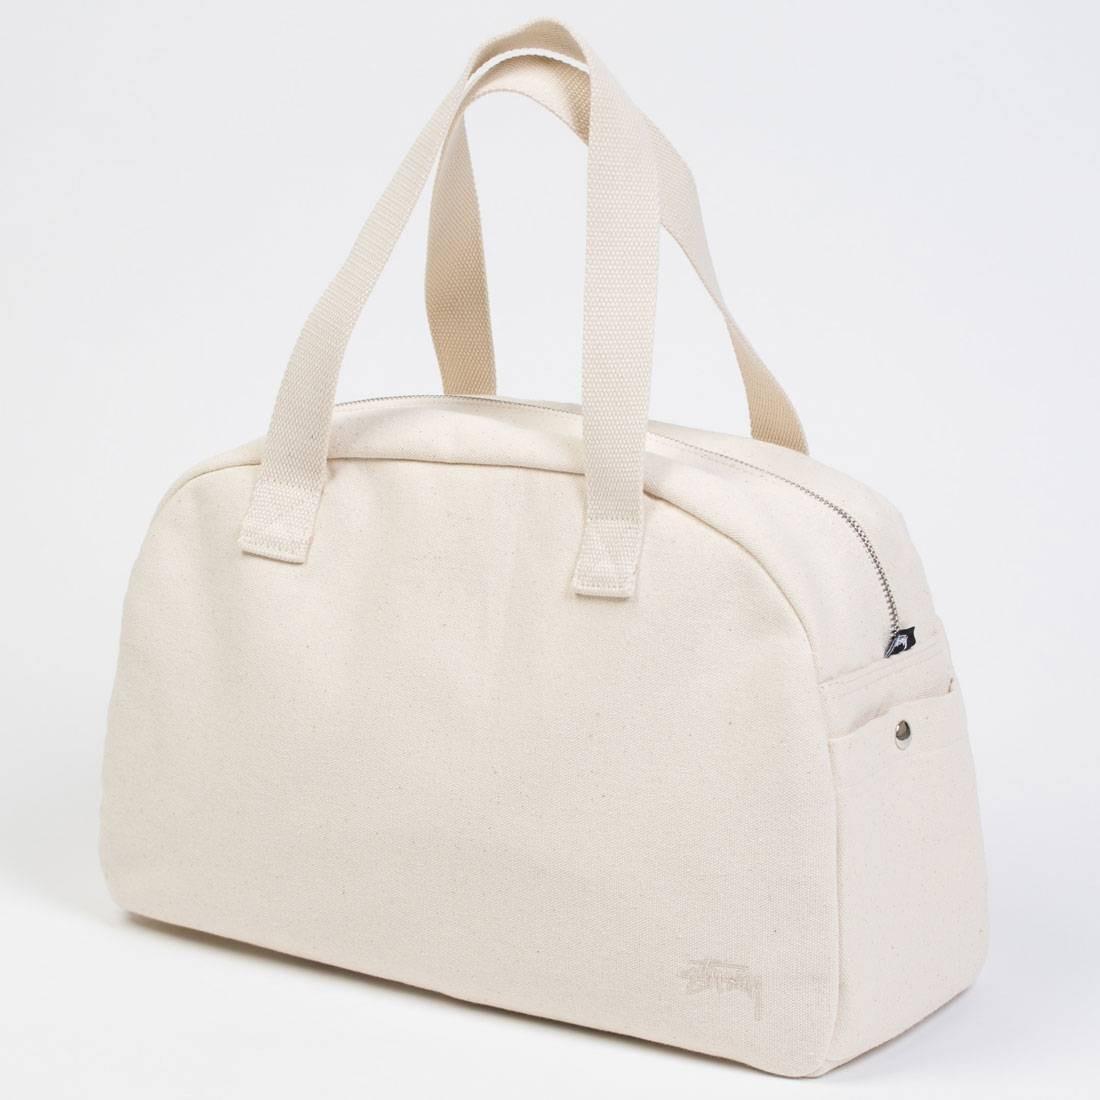 Stussy Turnstile Bag (white / natural)